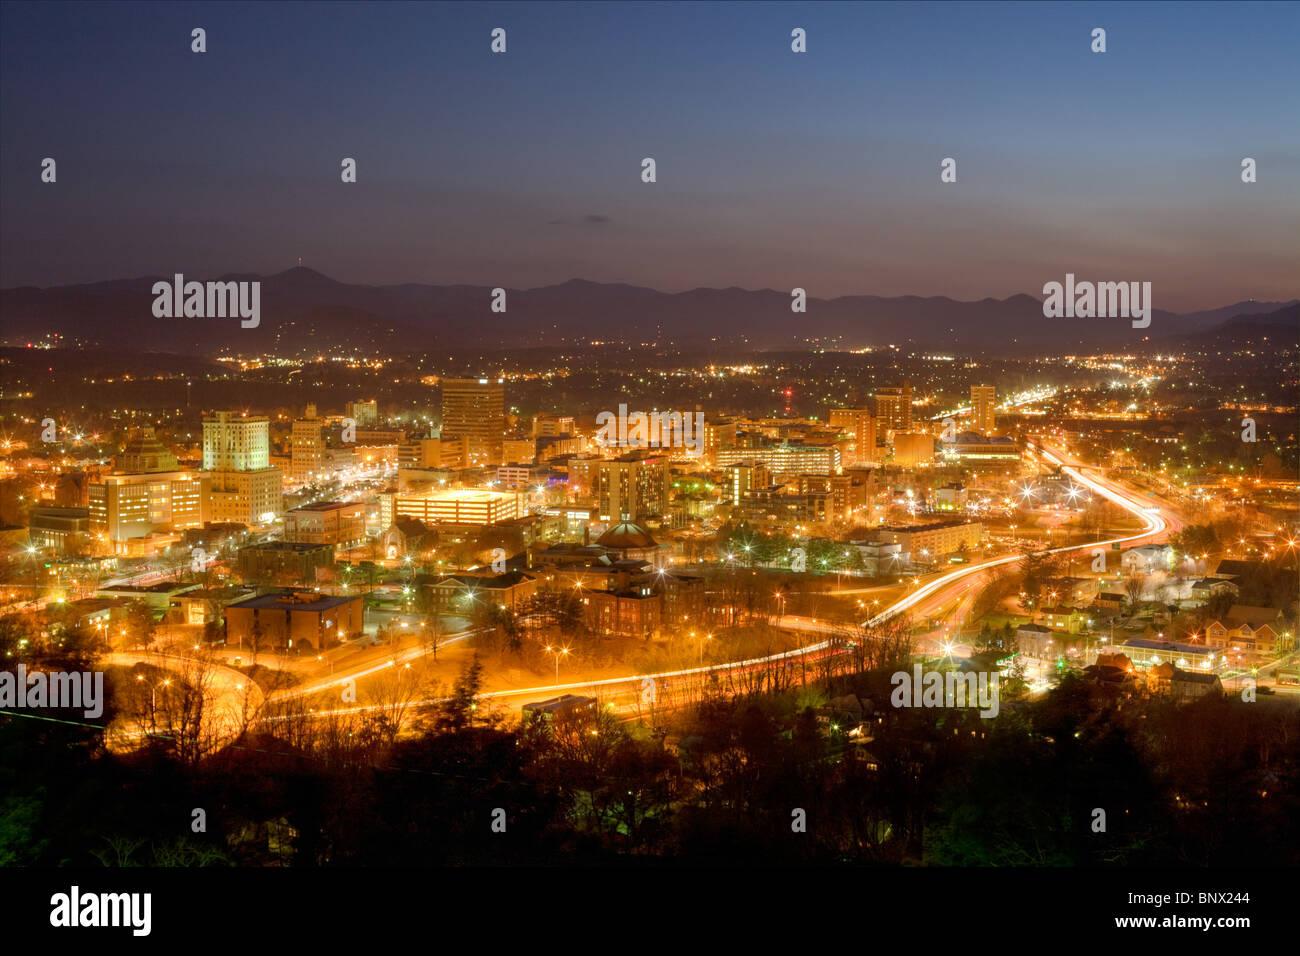 City skyline of Asheville, North Carolina, nestled in Blue Ridge Mountains - Stock Image